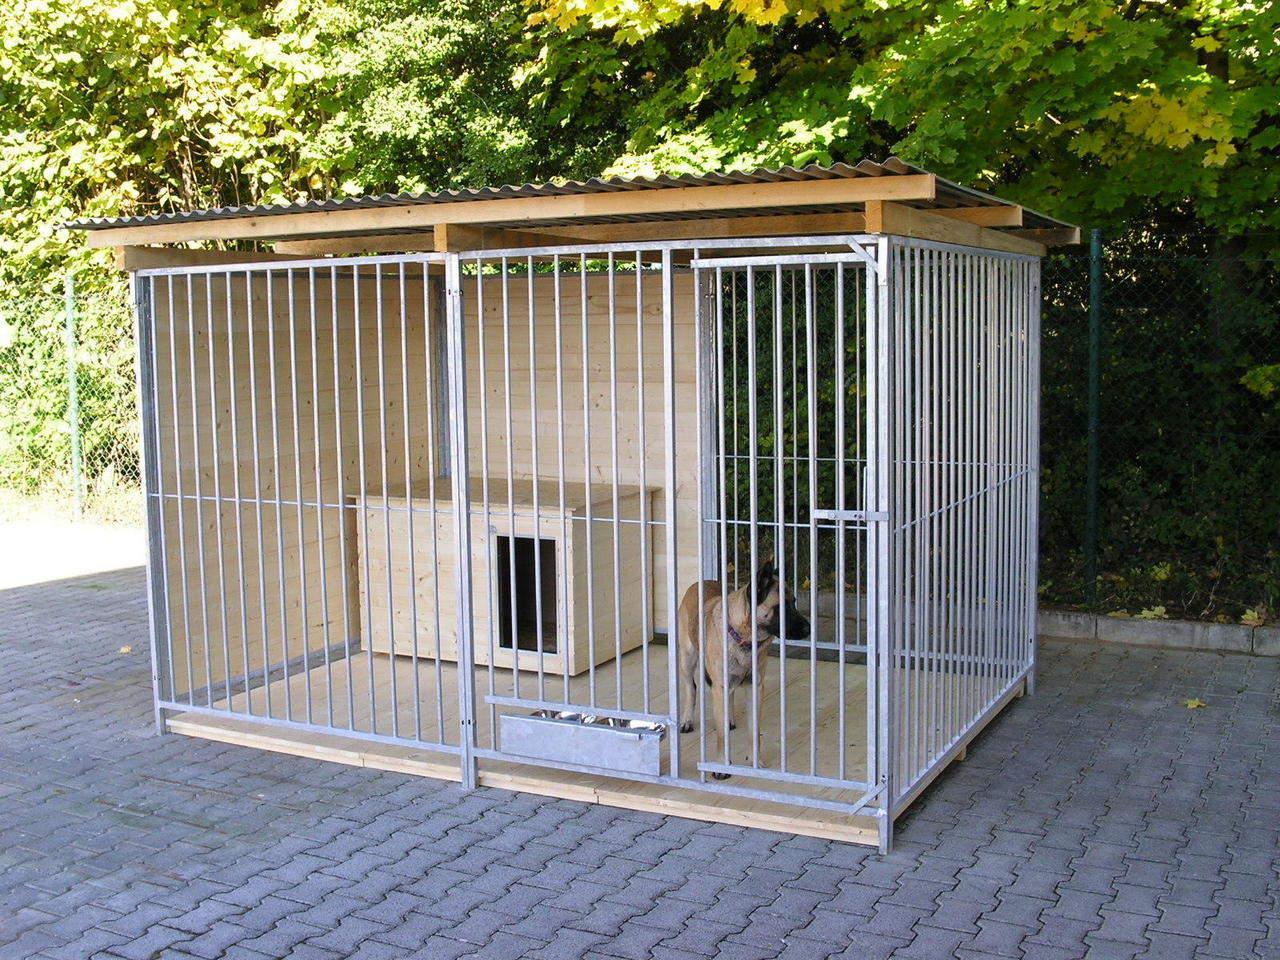 Sonderserie Zwinger 2x3 m mit Zusatzausstattung gegen Aufpreis: Holzboden, Hundehütte und ausschwenkbares Futterset